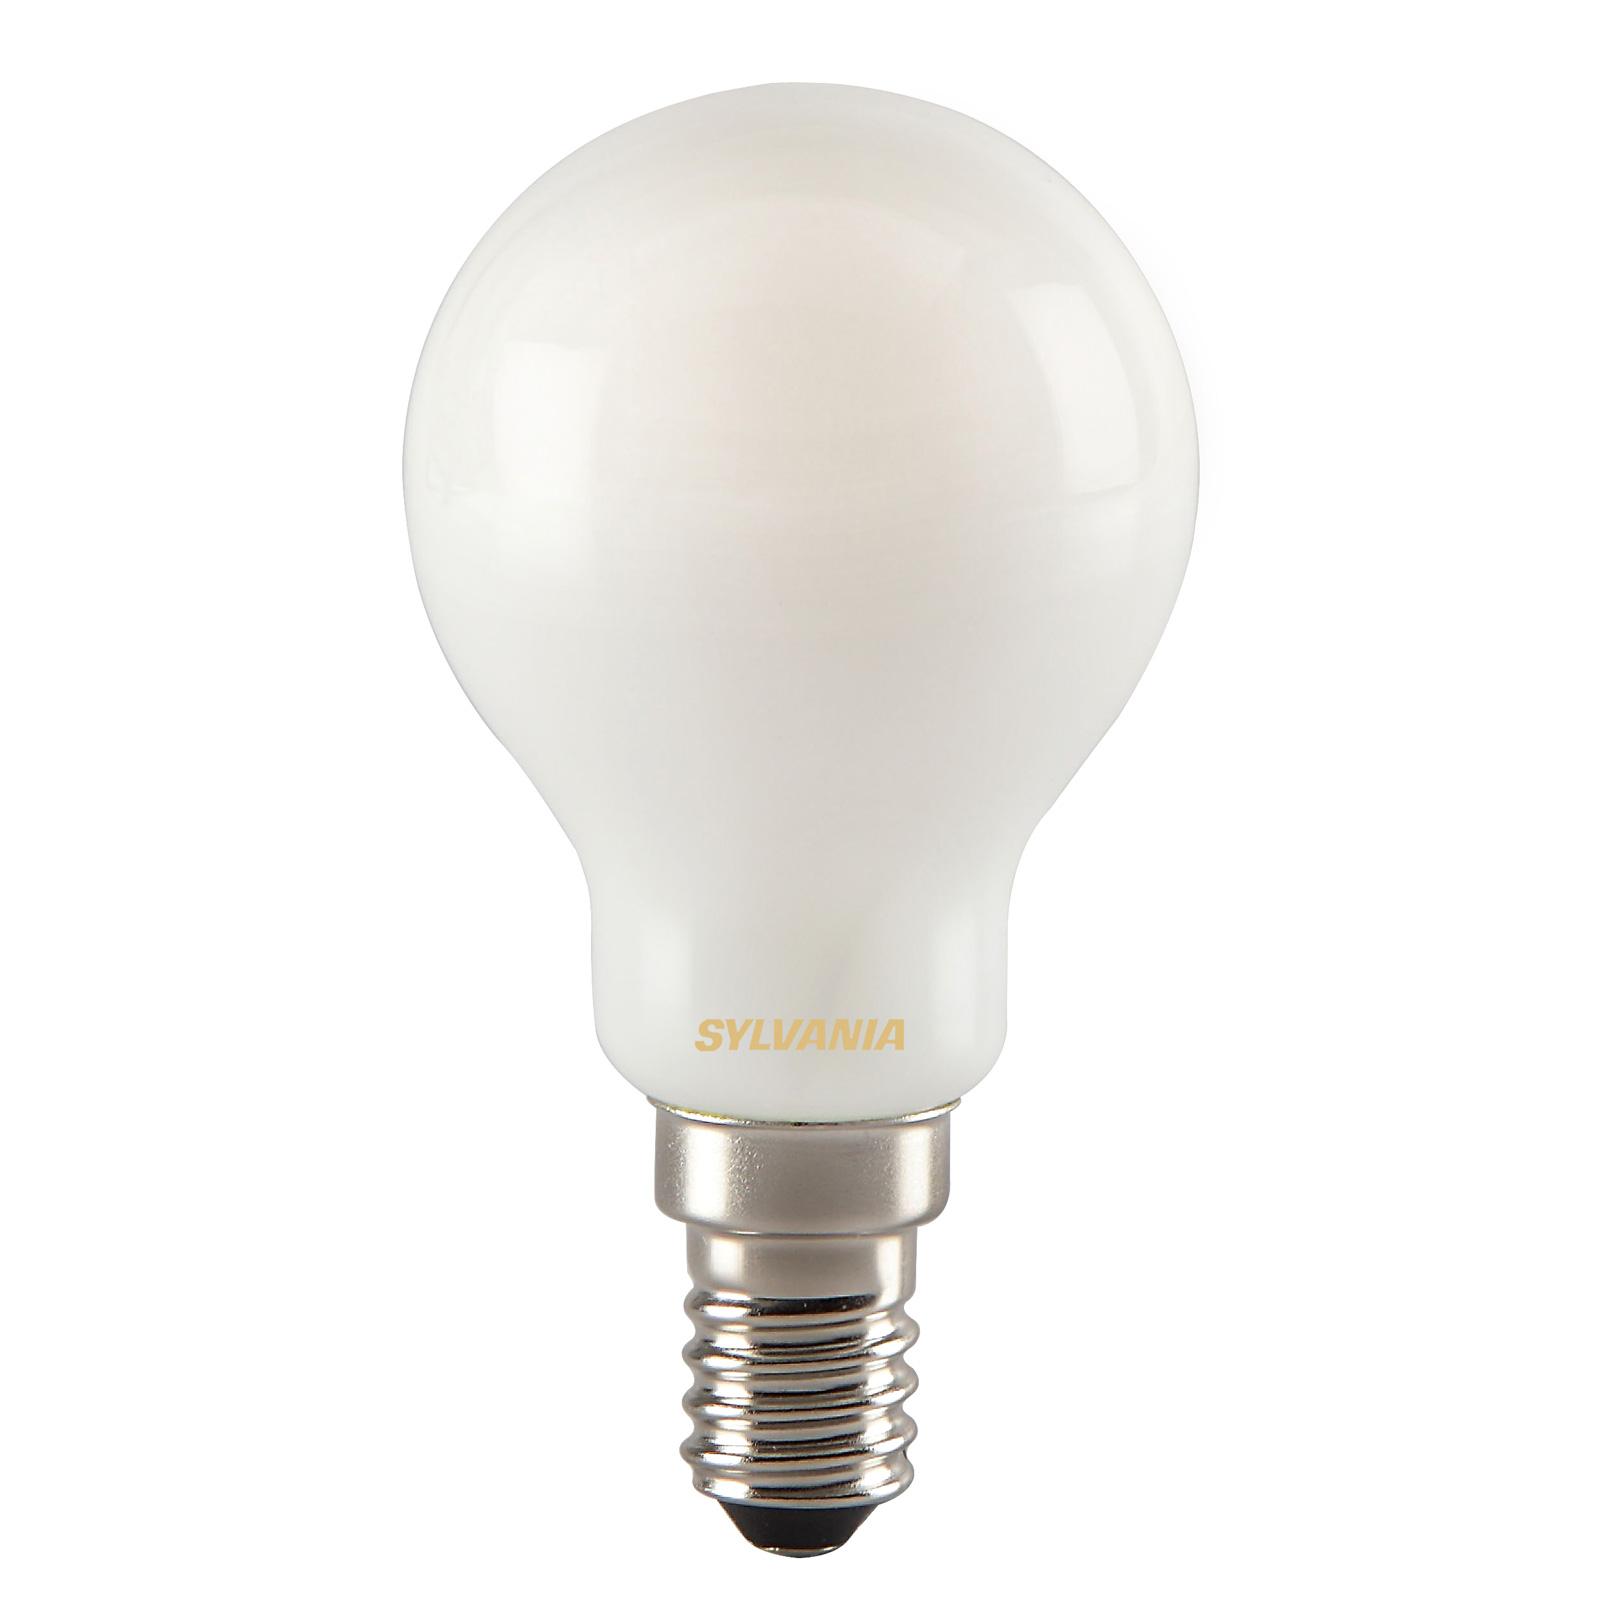 Żarówka kropla LED E14 ToLEDo RT Ball 4,5W 827